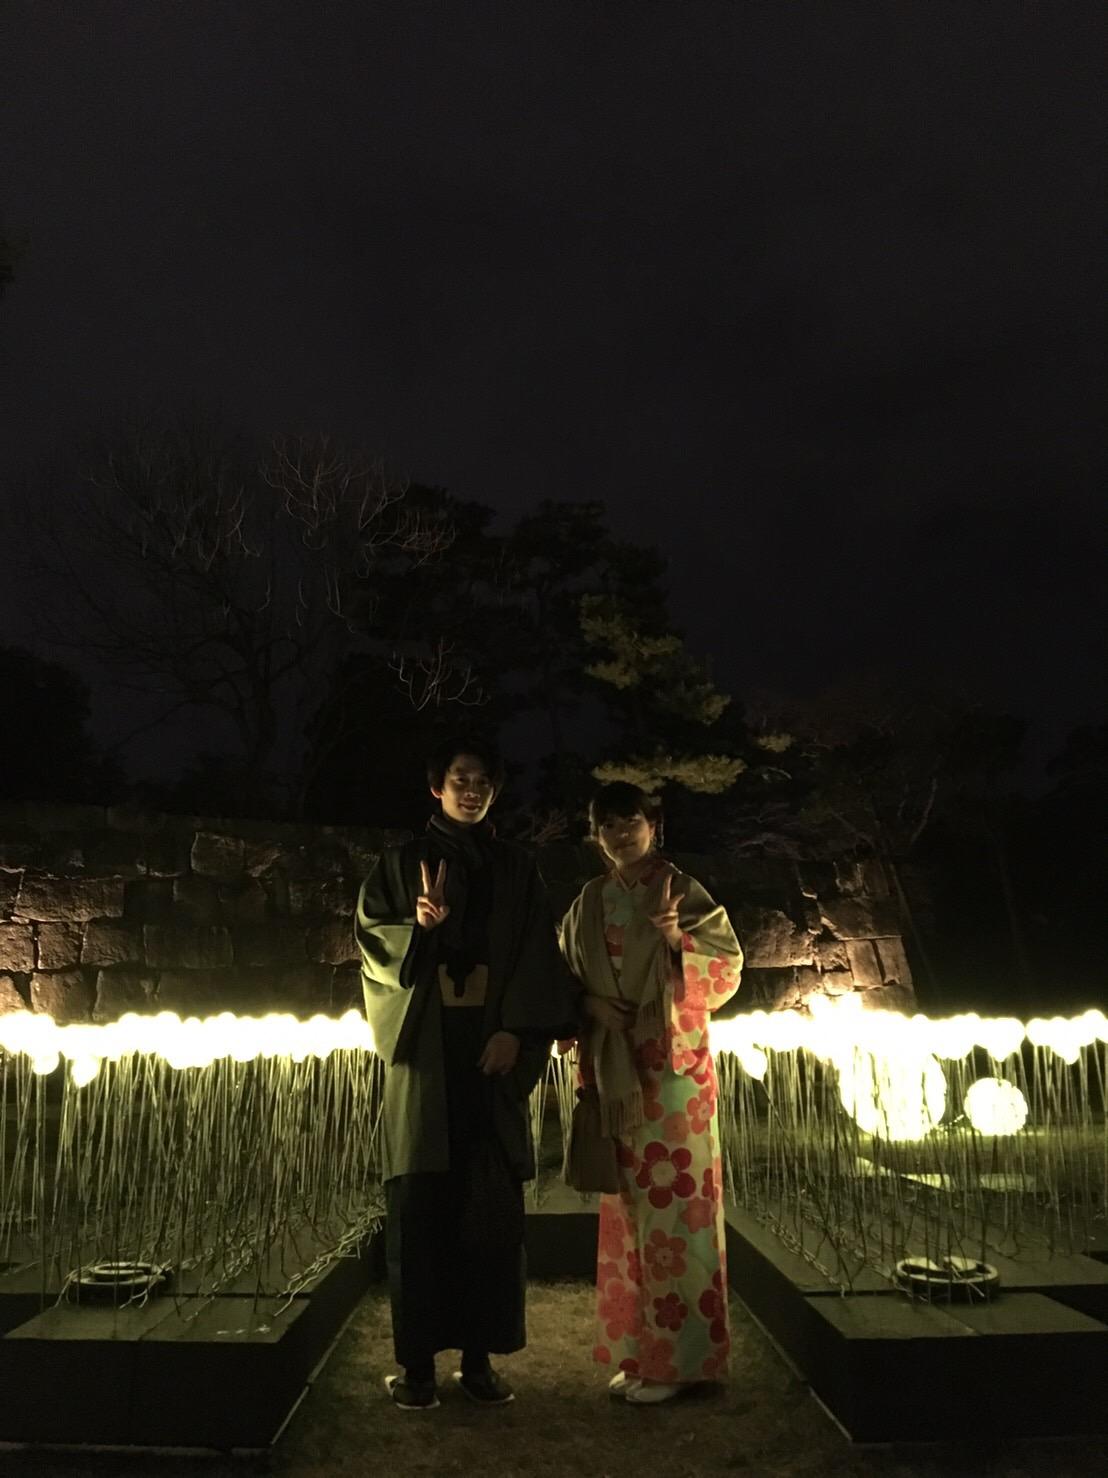 二条城桜まつり2019ライトアップ2019年3月22日20